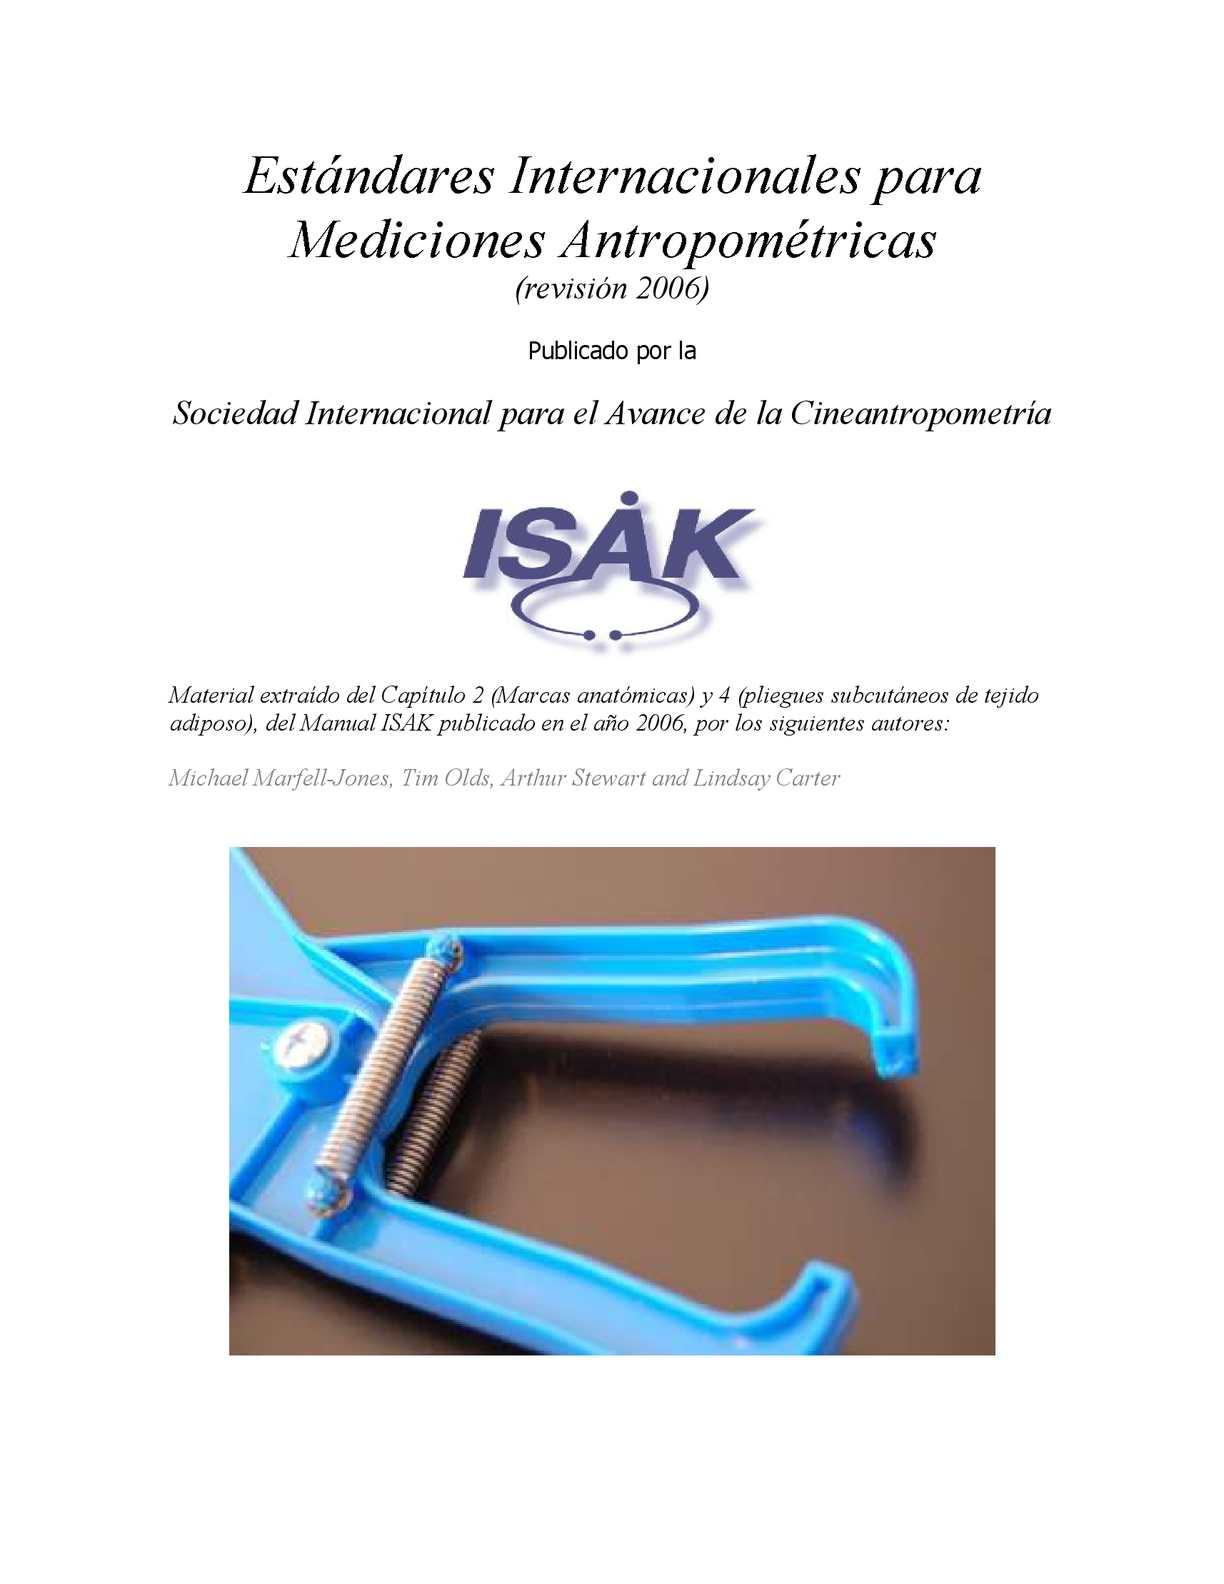 Isak Estandares Internacionales Para Mediciones Antropometricas